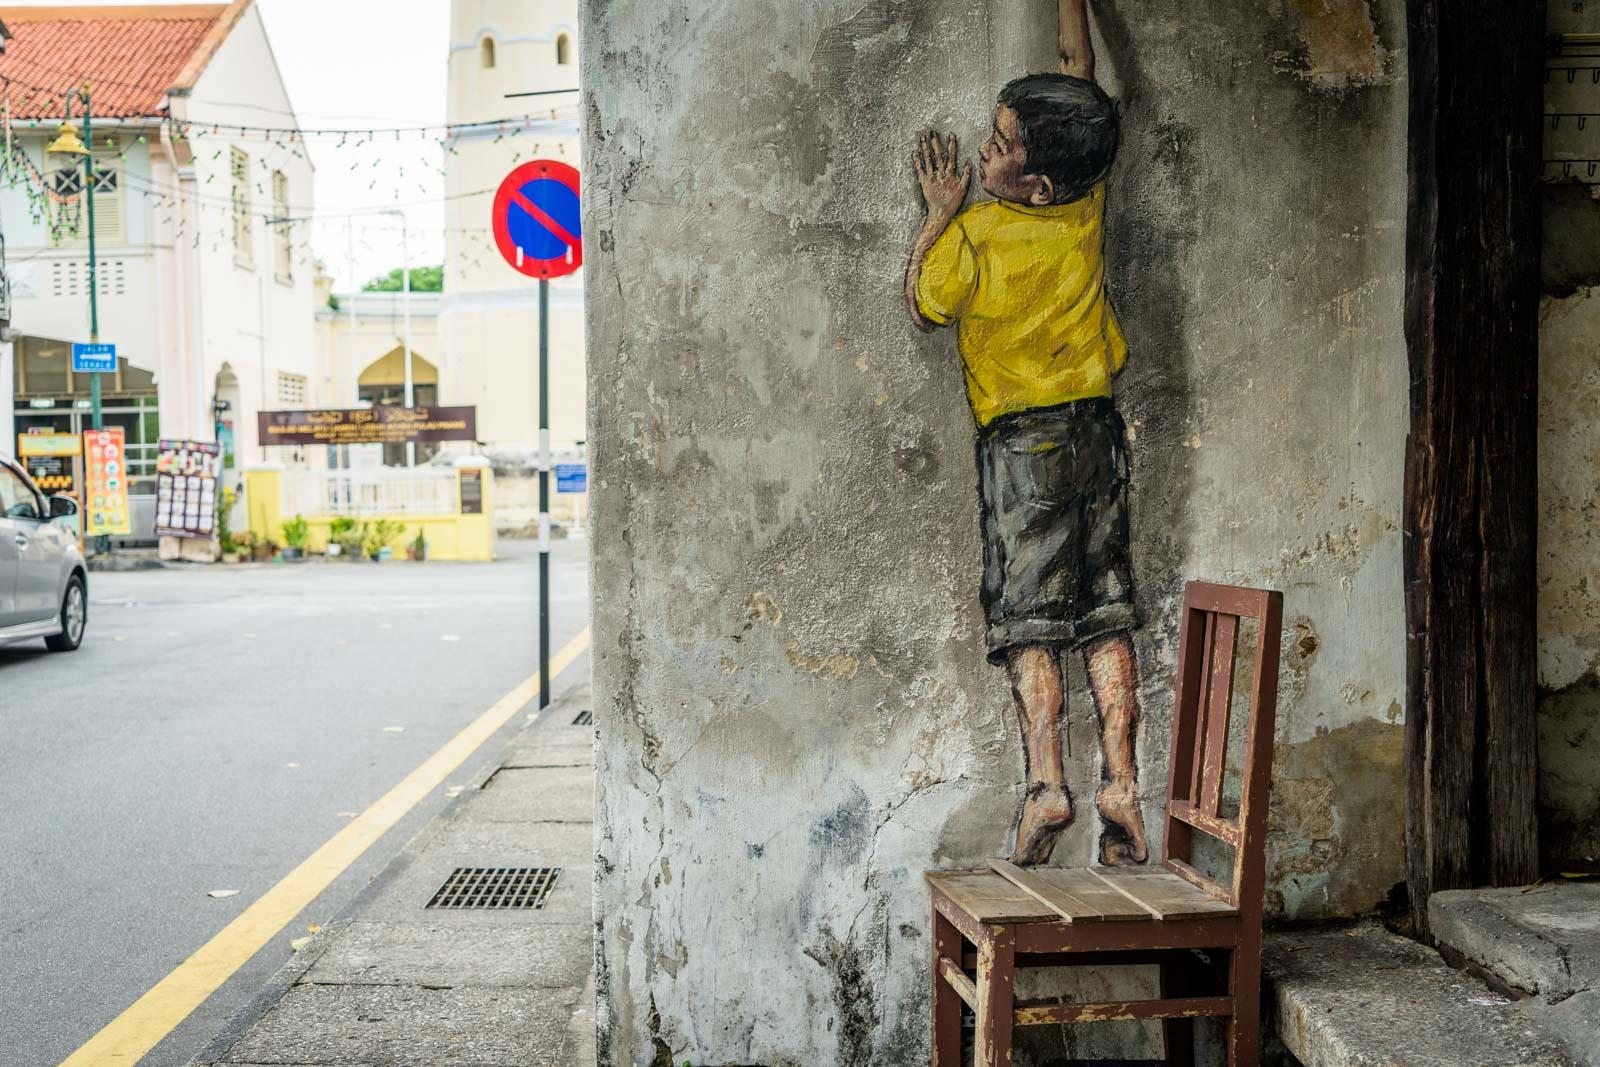 Street art in George Town, Malaysia